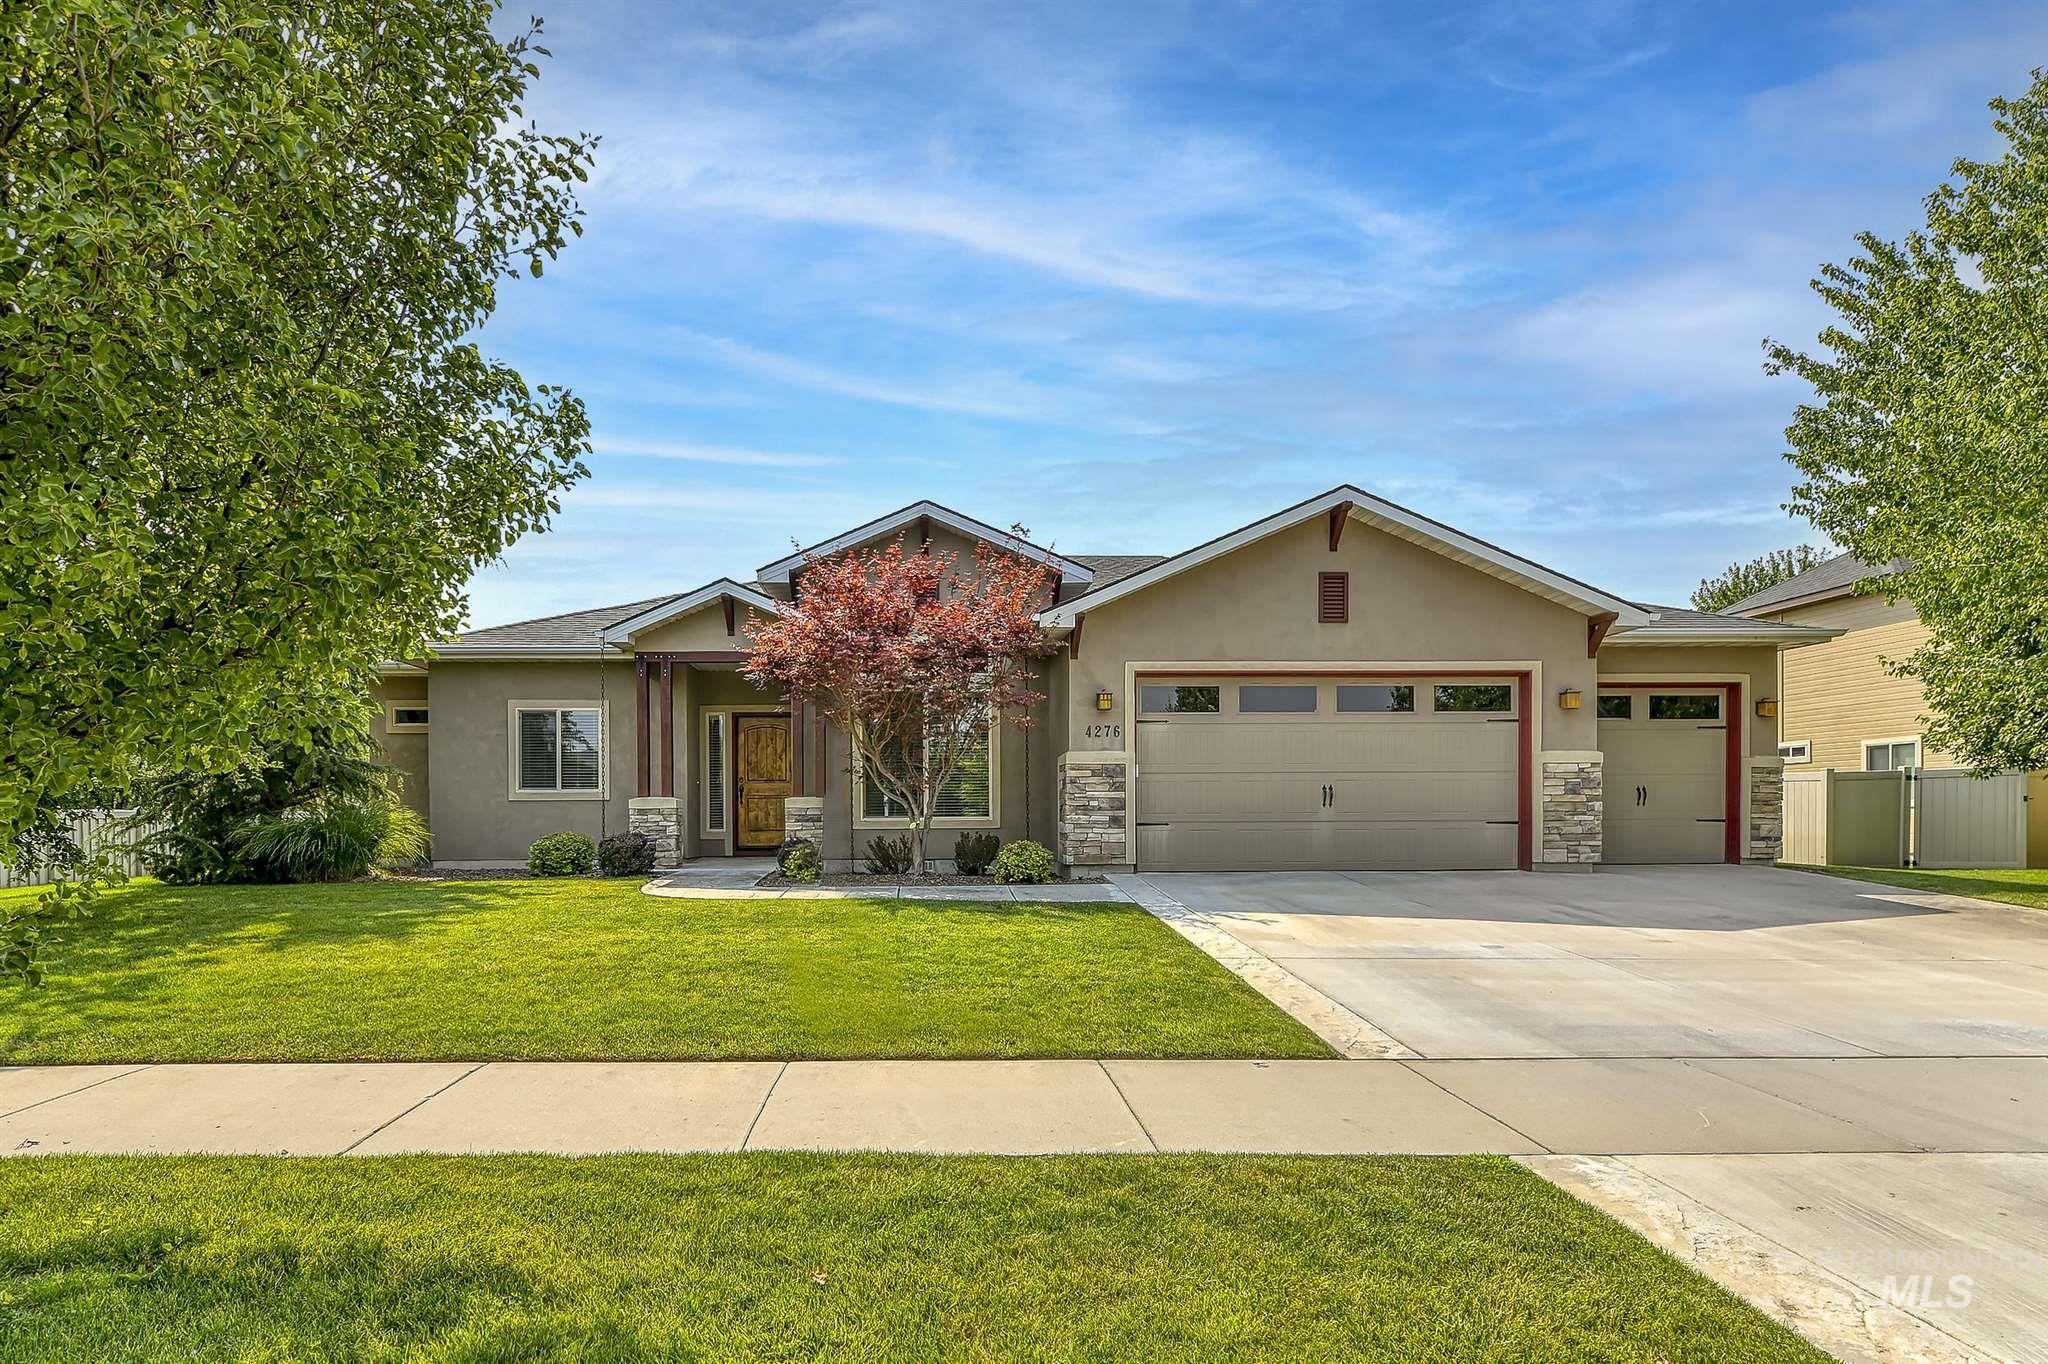 4276 N N. Linwood Way Property Photo